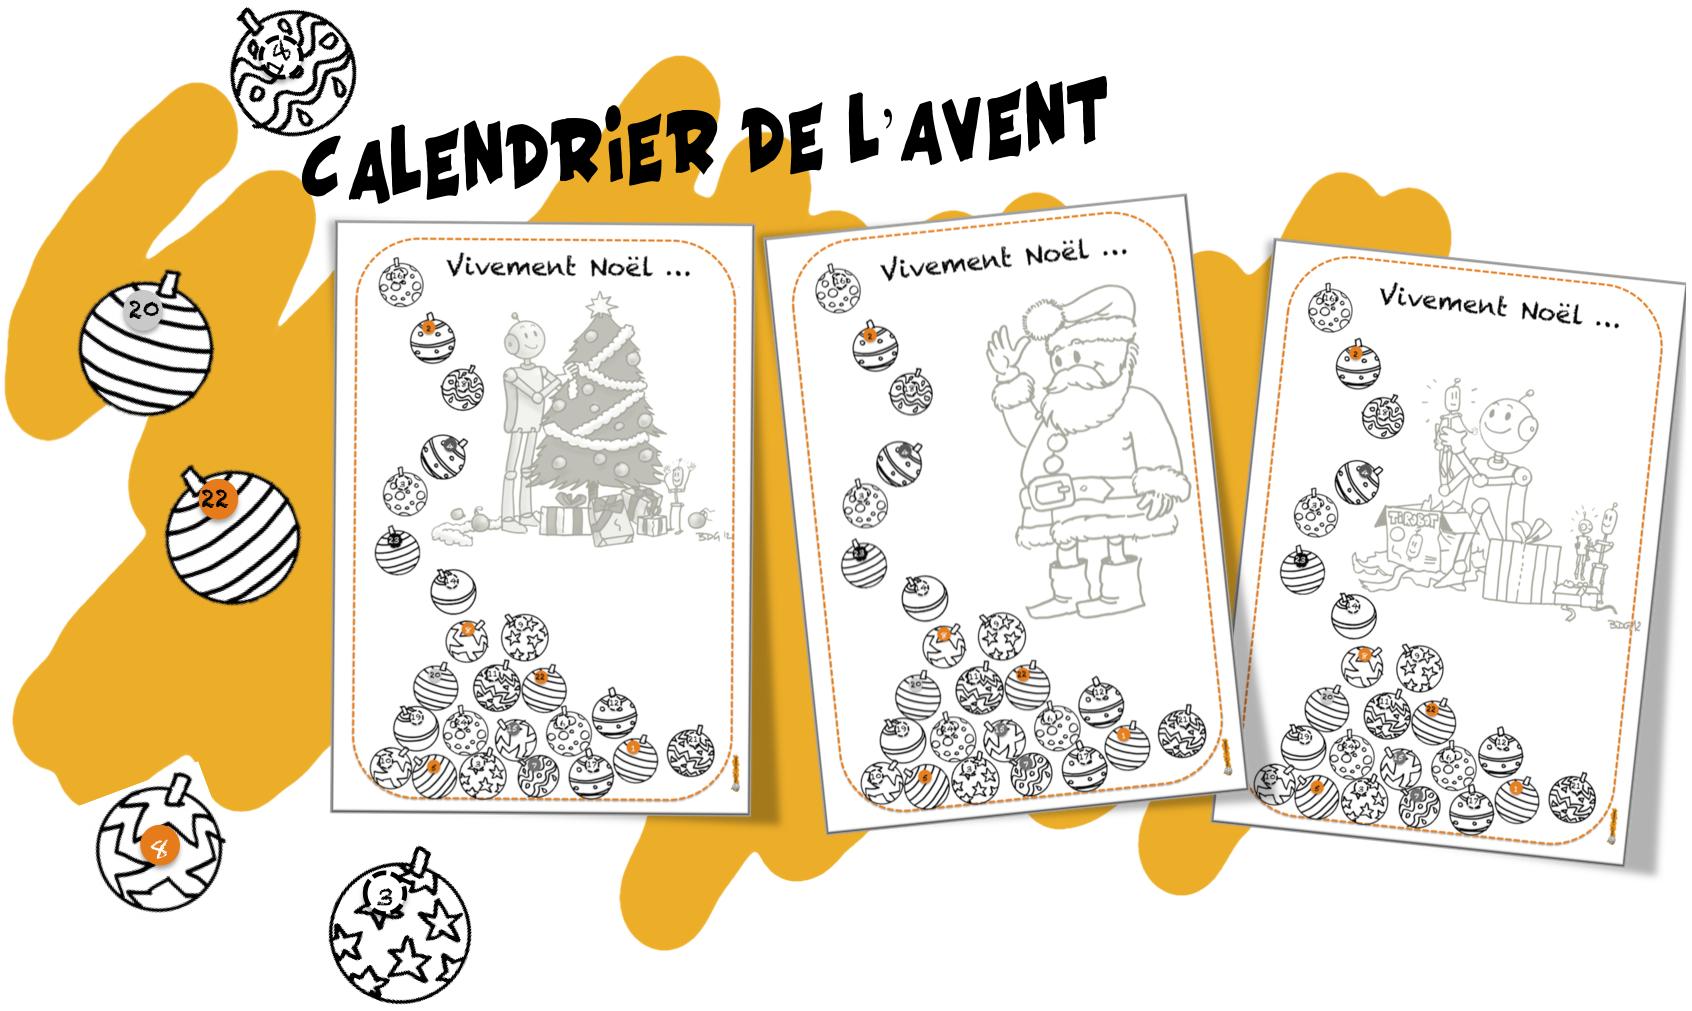 Calendrier Décriture Ce2 2022 2023 Calendrier de l'avent : vivement Noël   Bout de gomme   Bloglovin'